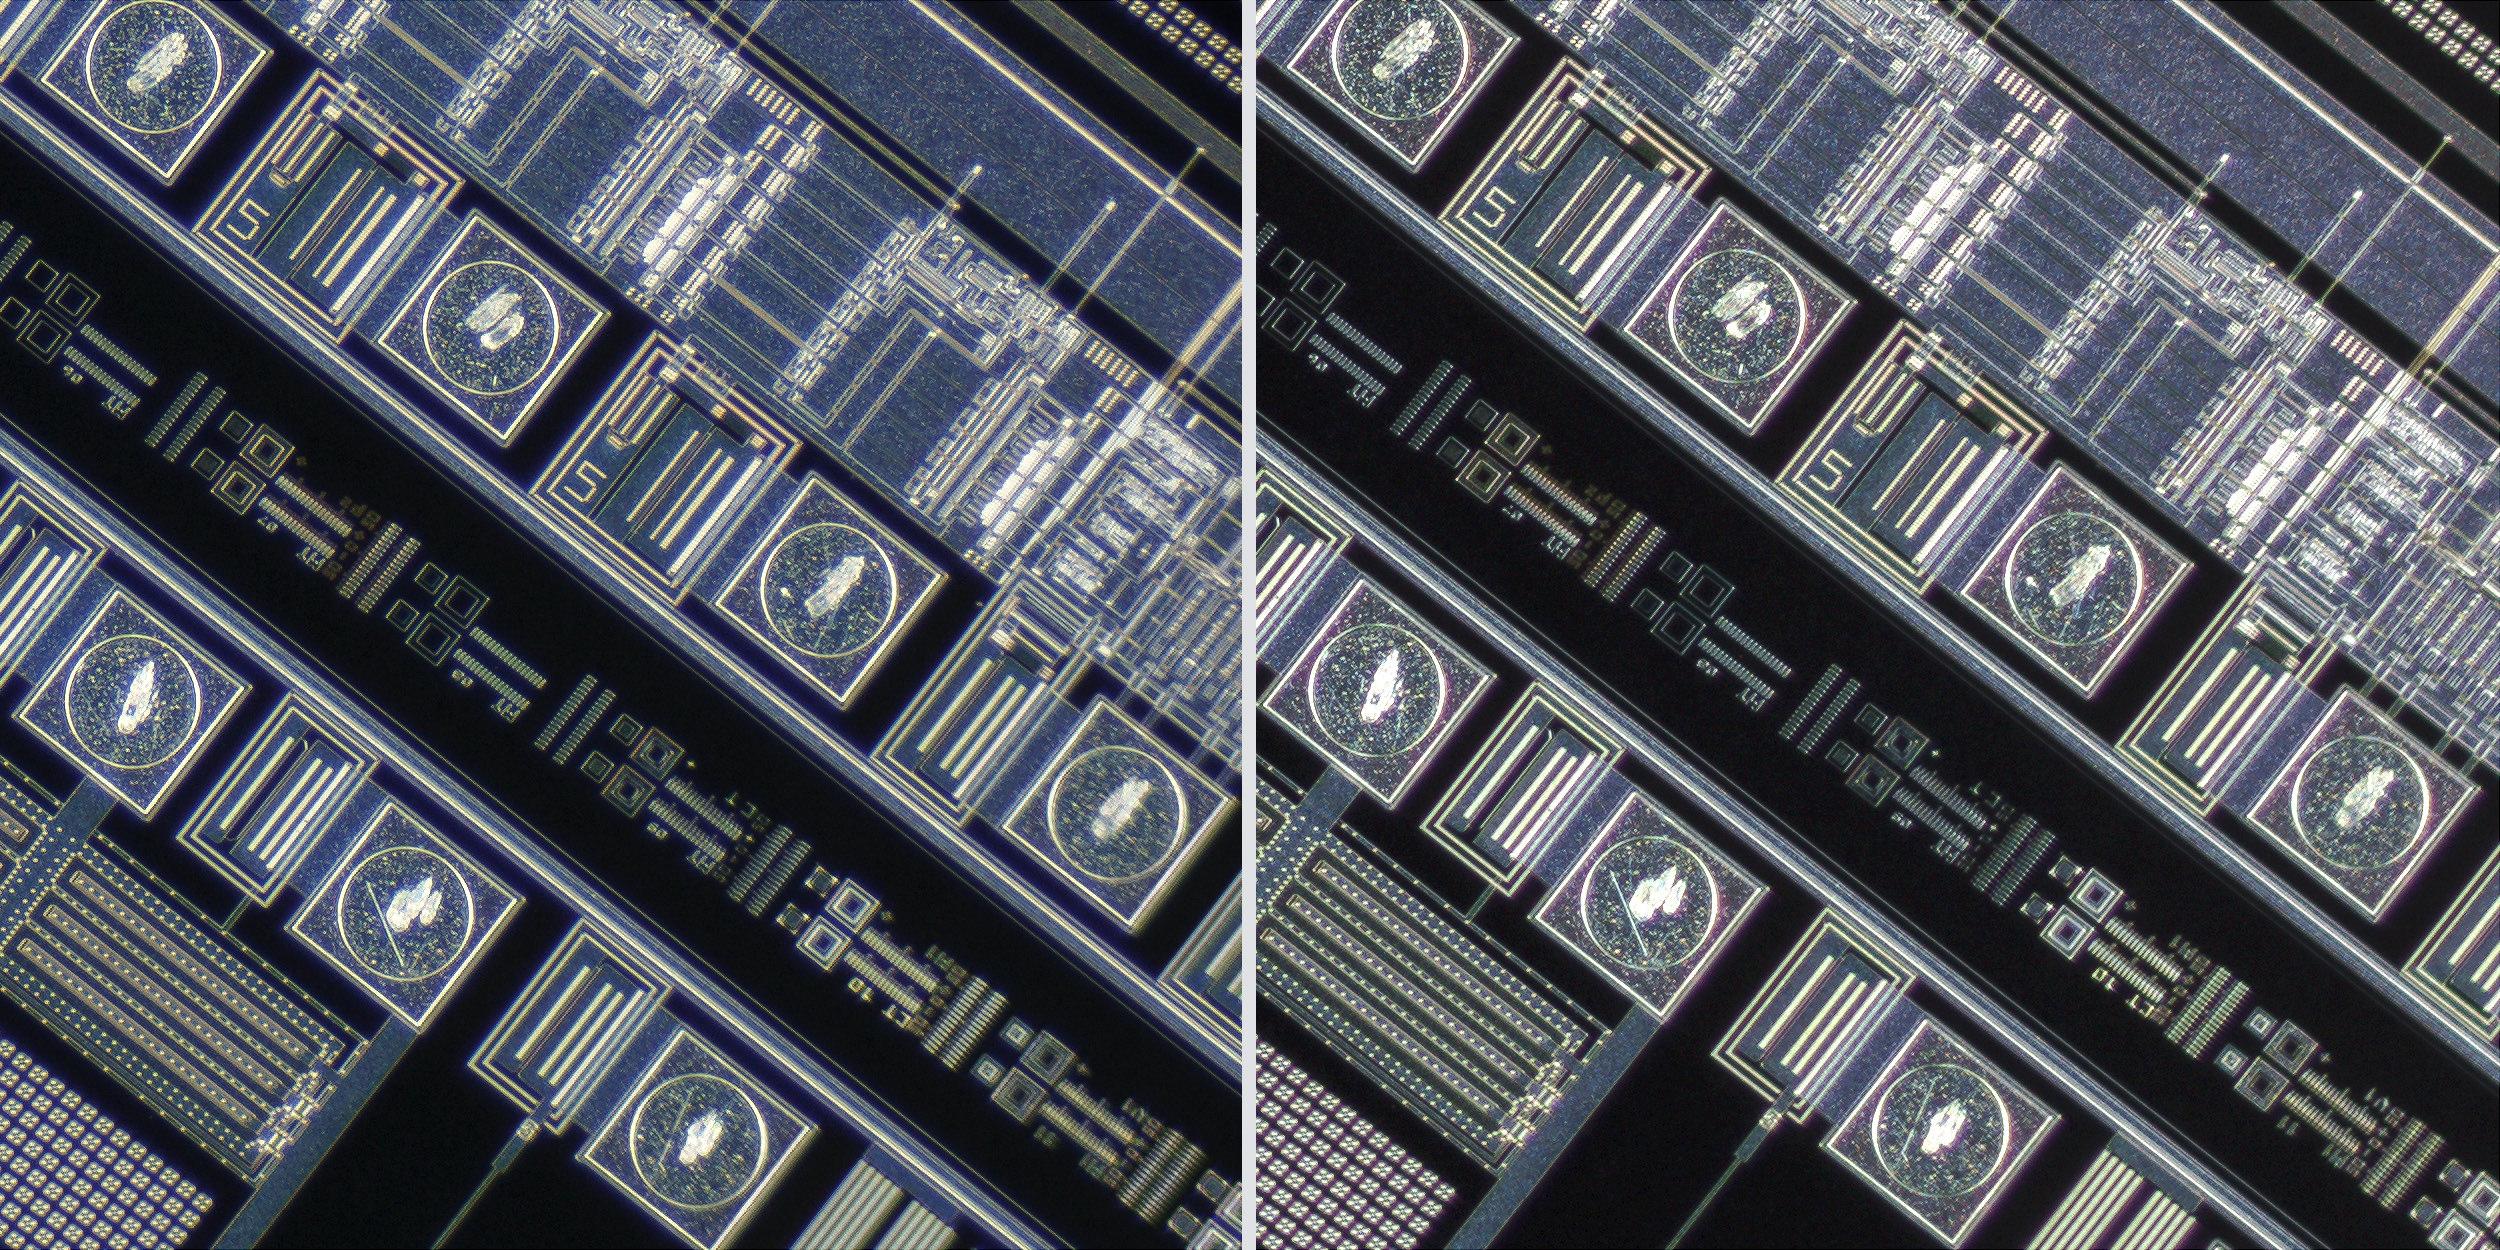 Nikon LU Plan Fluor 5X/0.15 BD Objective vs Sigma 150 f2.8 OS + Xenon 28mm f2 Line Scan Lens 100% Corner Crops